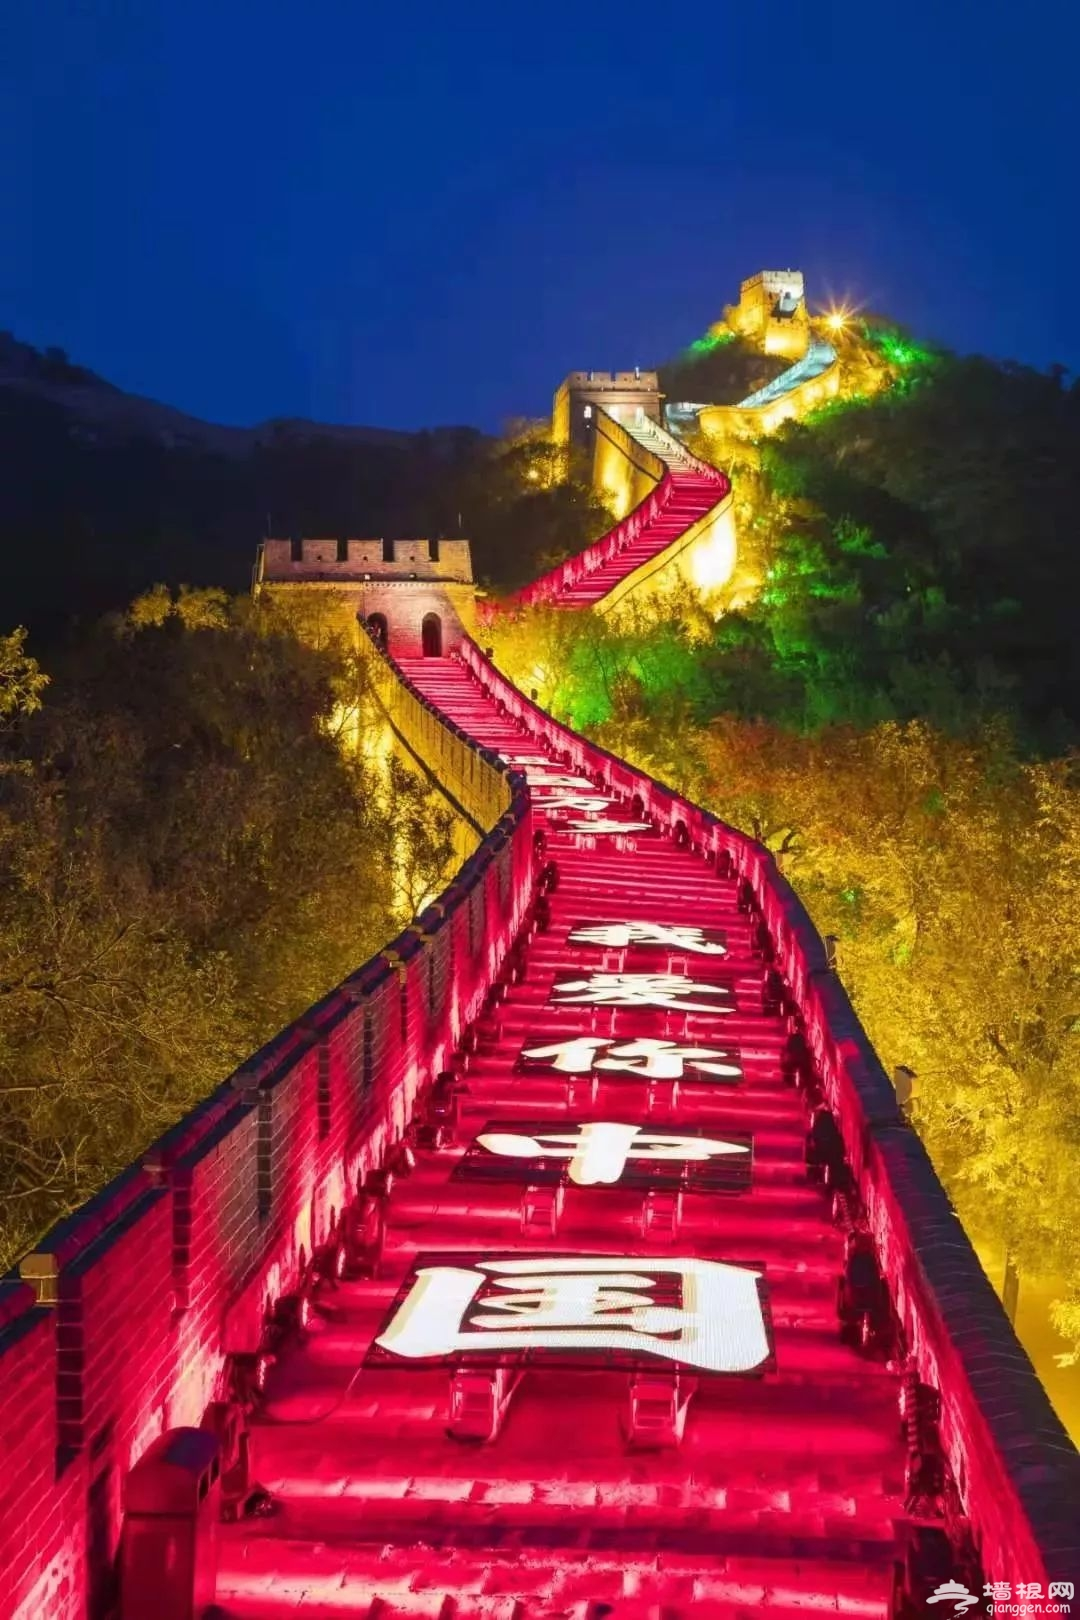 """巨龙腾飞!""""我爱你中国""""灯光秀点亮八达岭[墙根网]"""